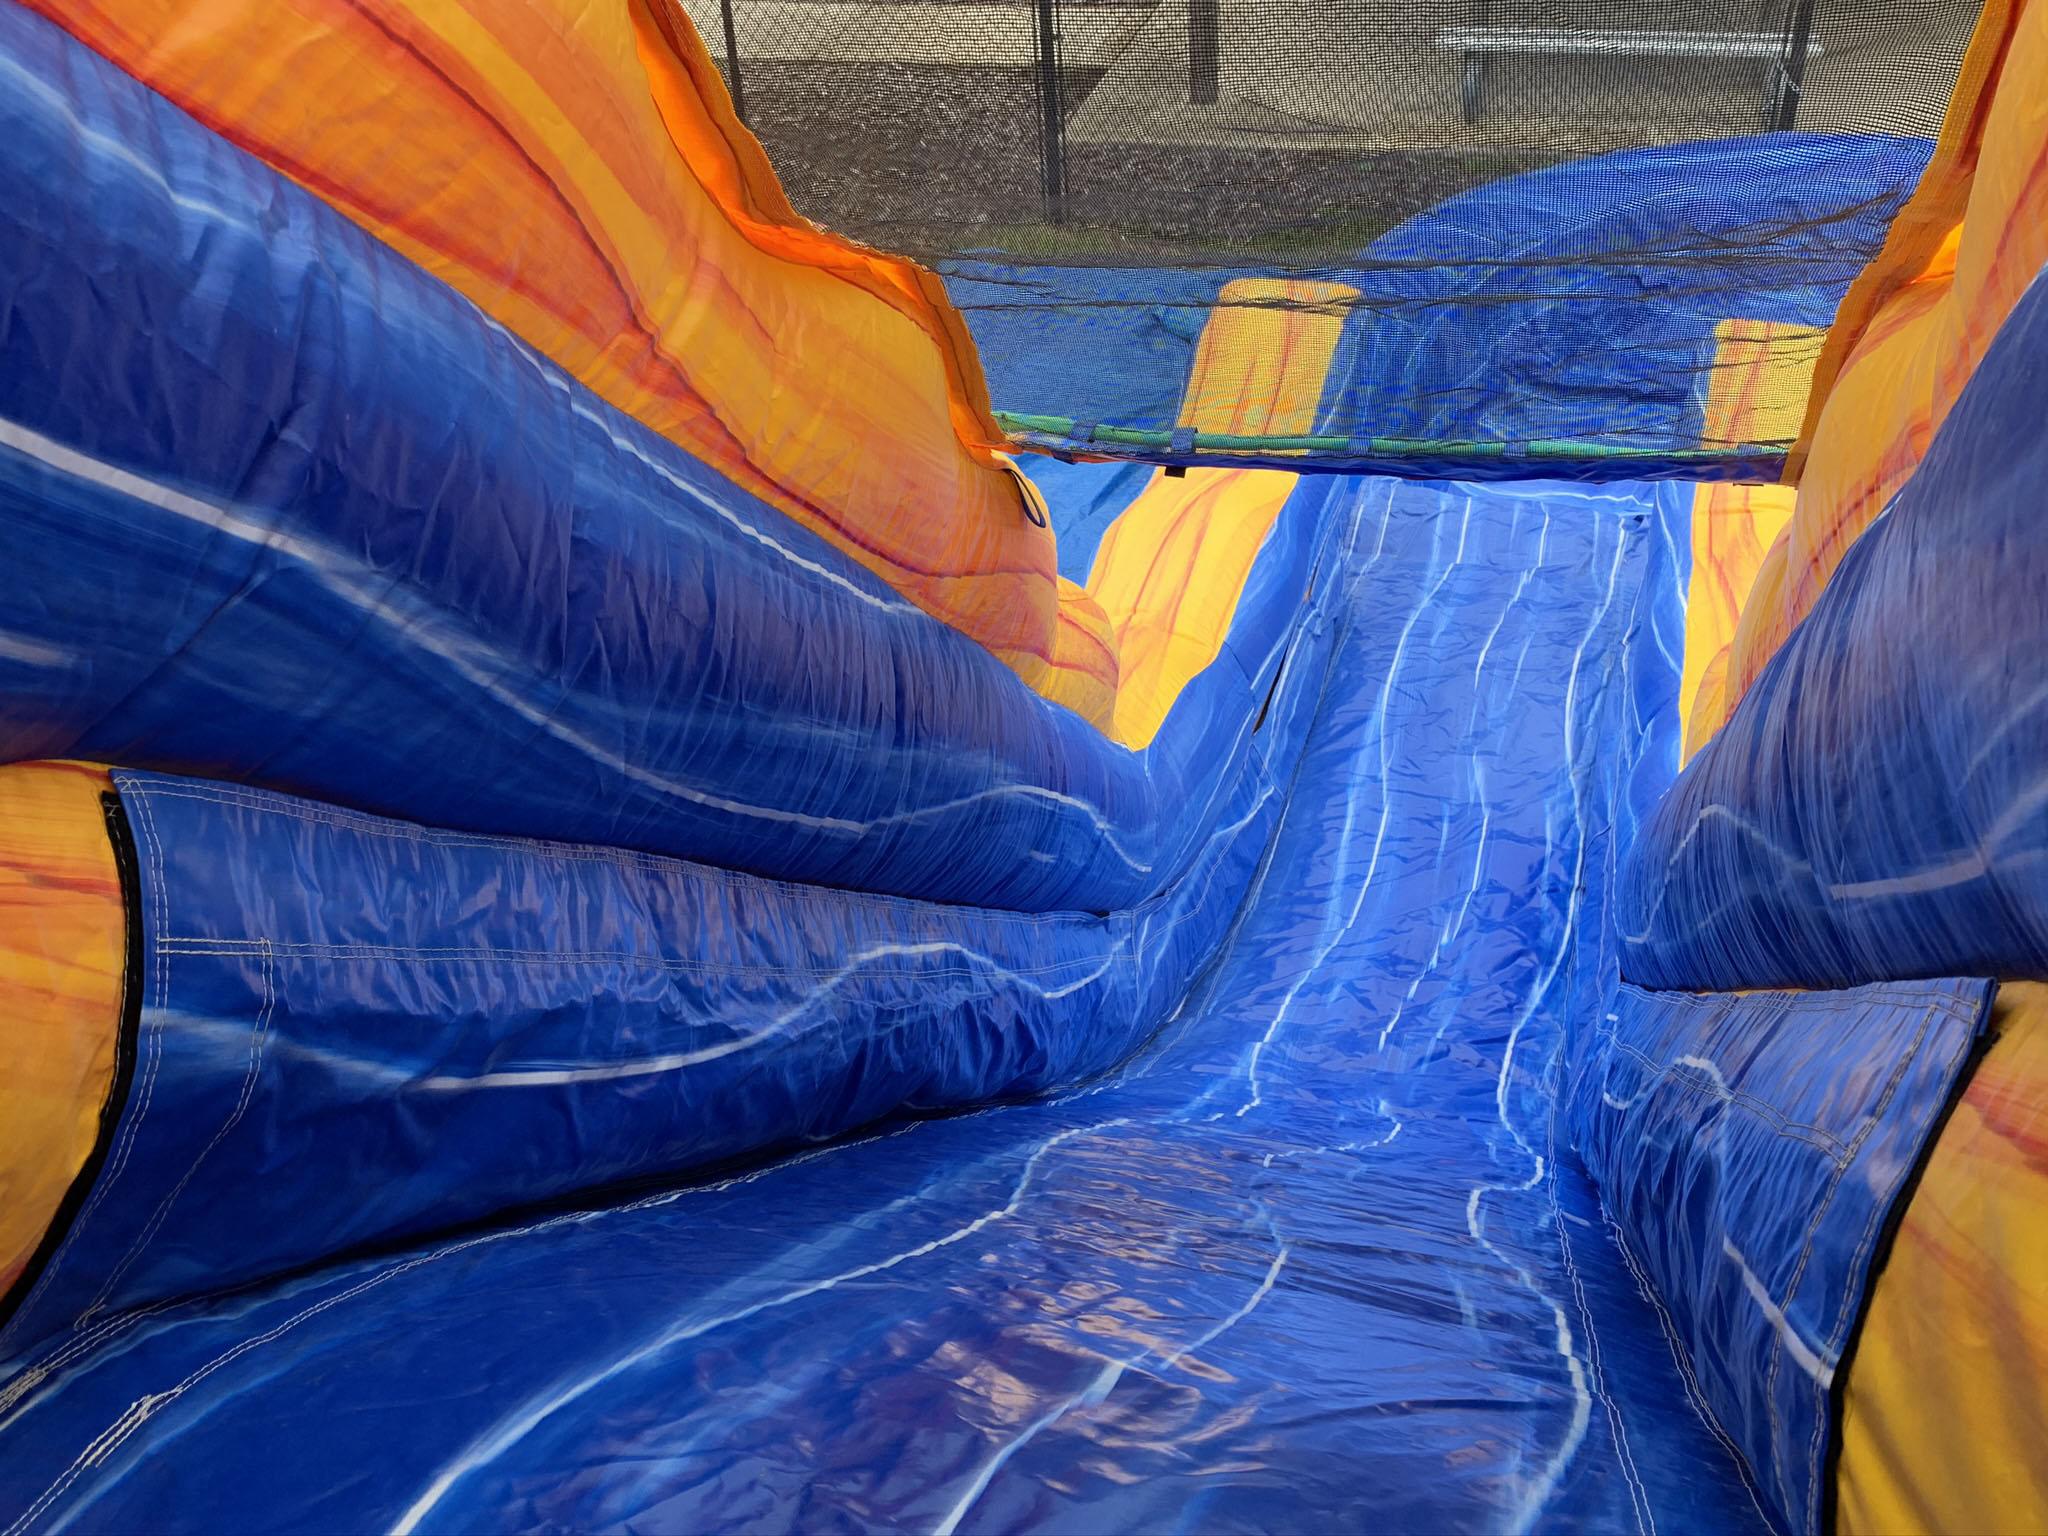 water slide inflatable Rentals